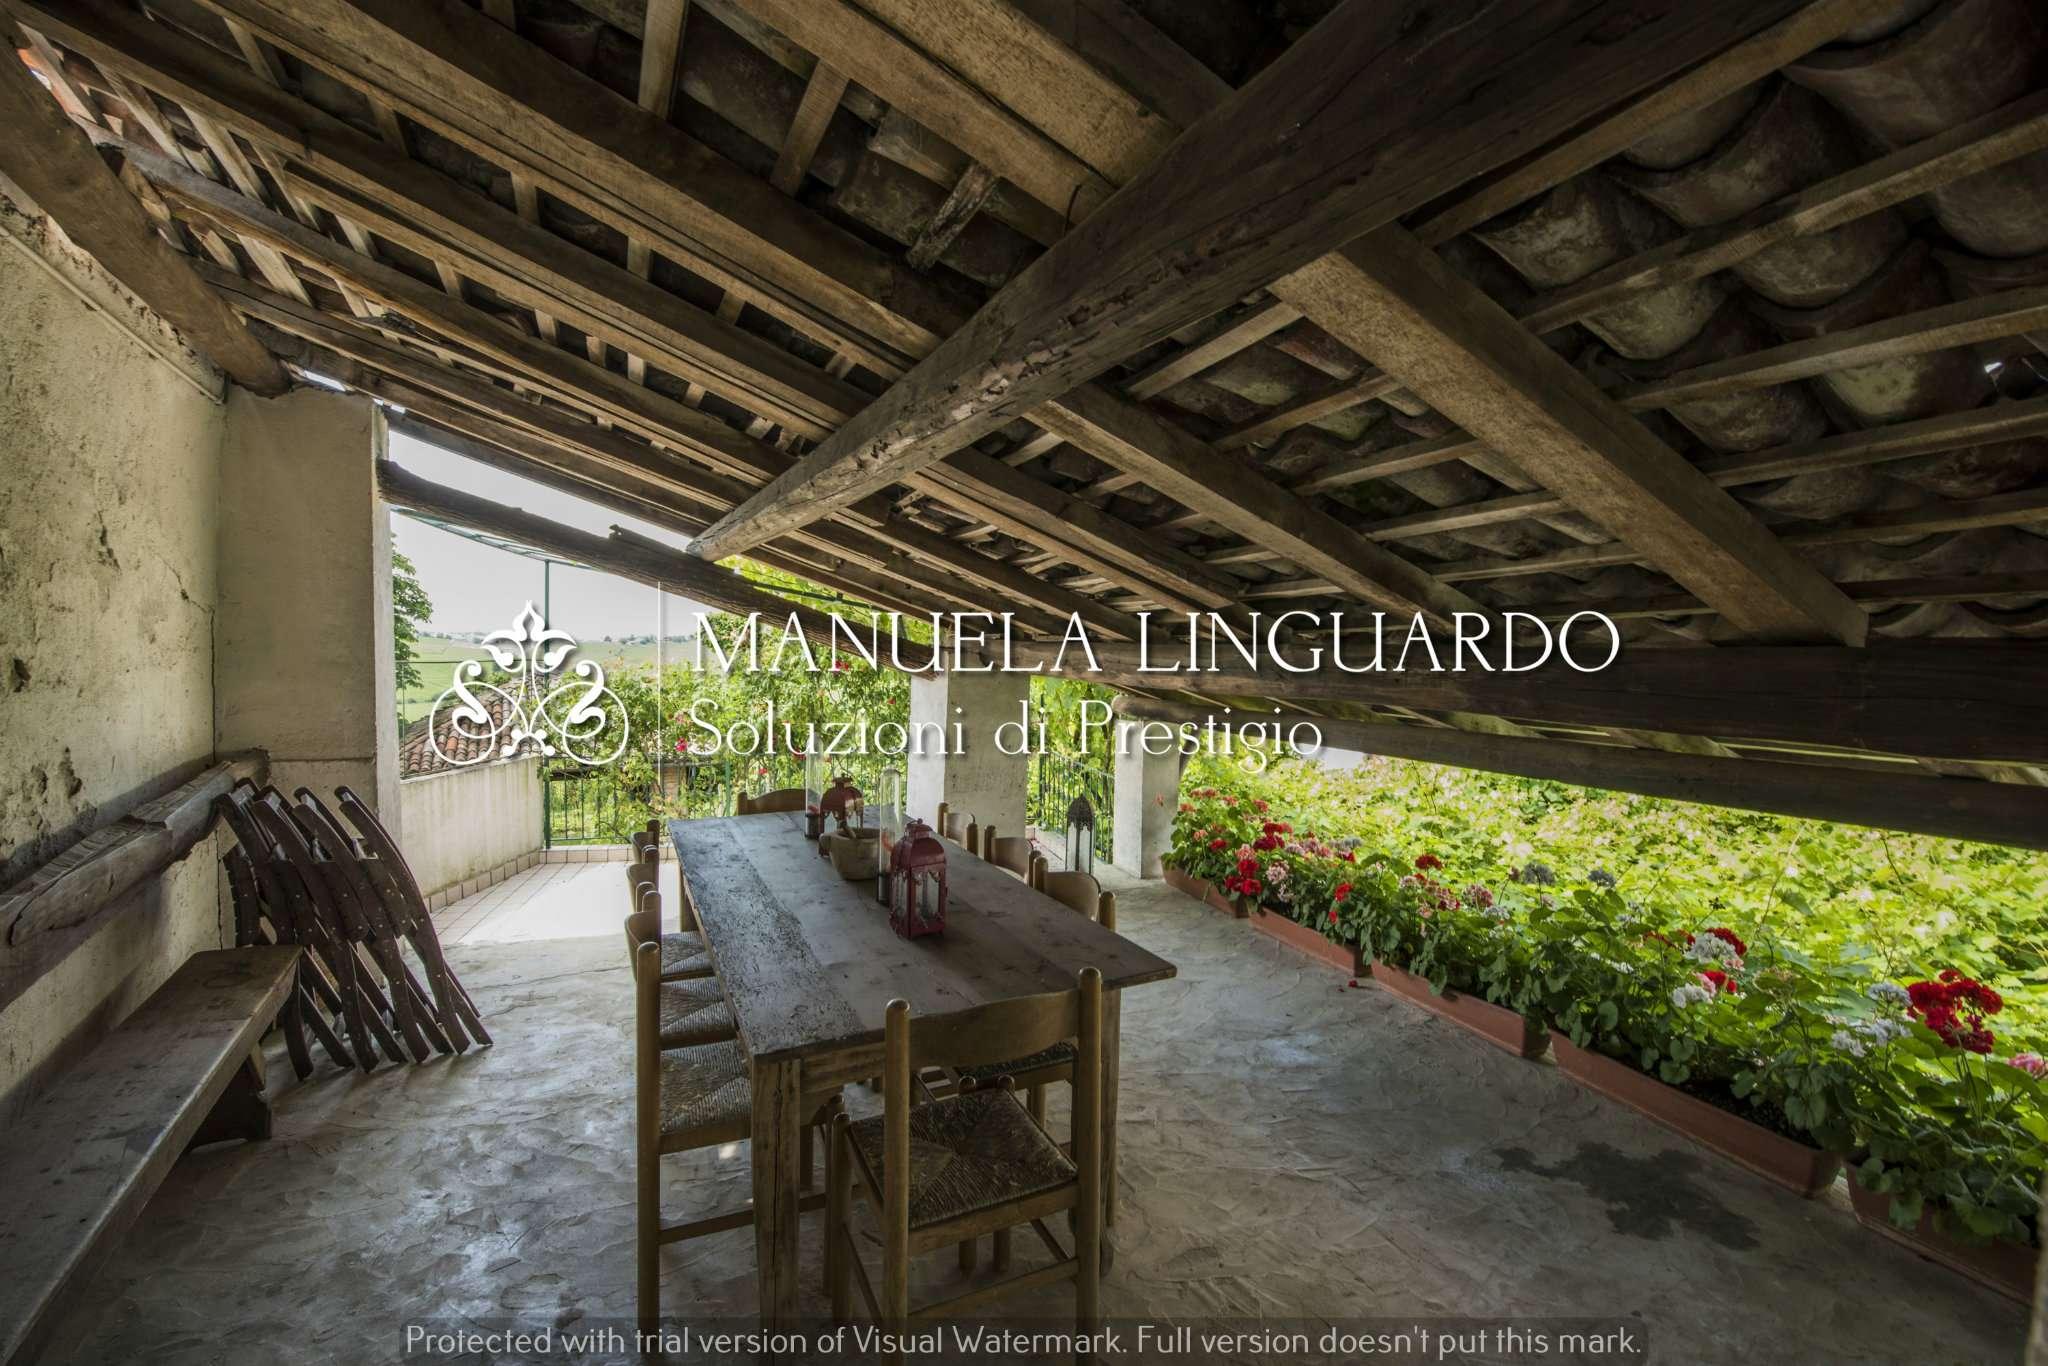 Rustico in Vendita a Ziano Piacentino: 5 locali, 820 mq - Foto 4